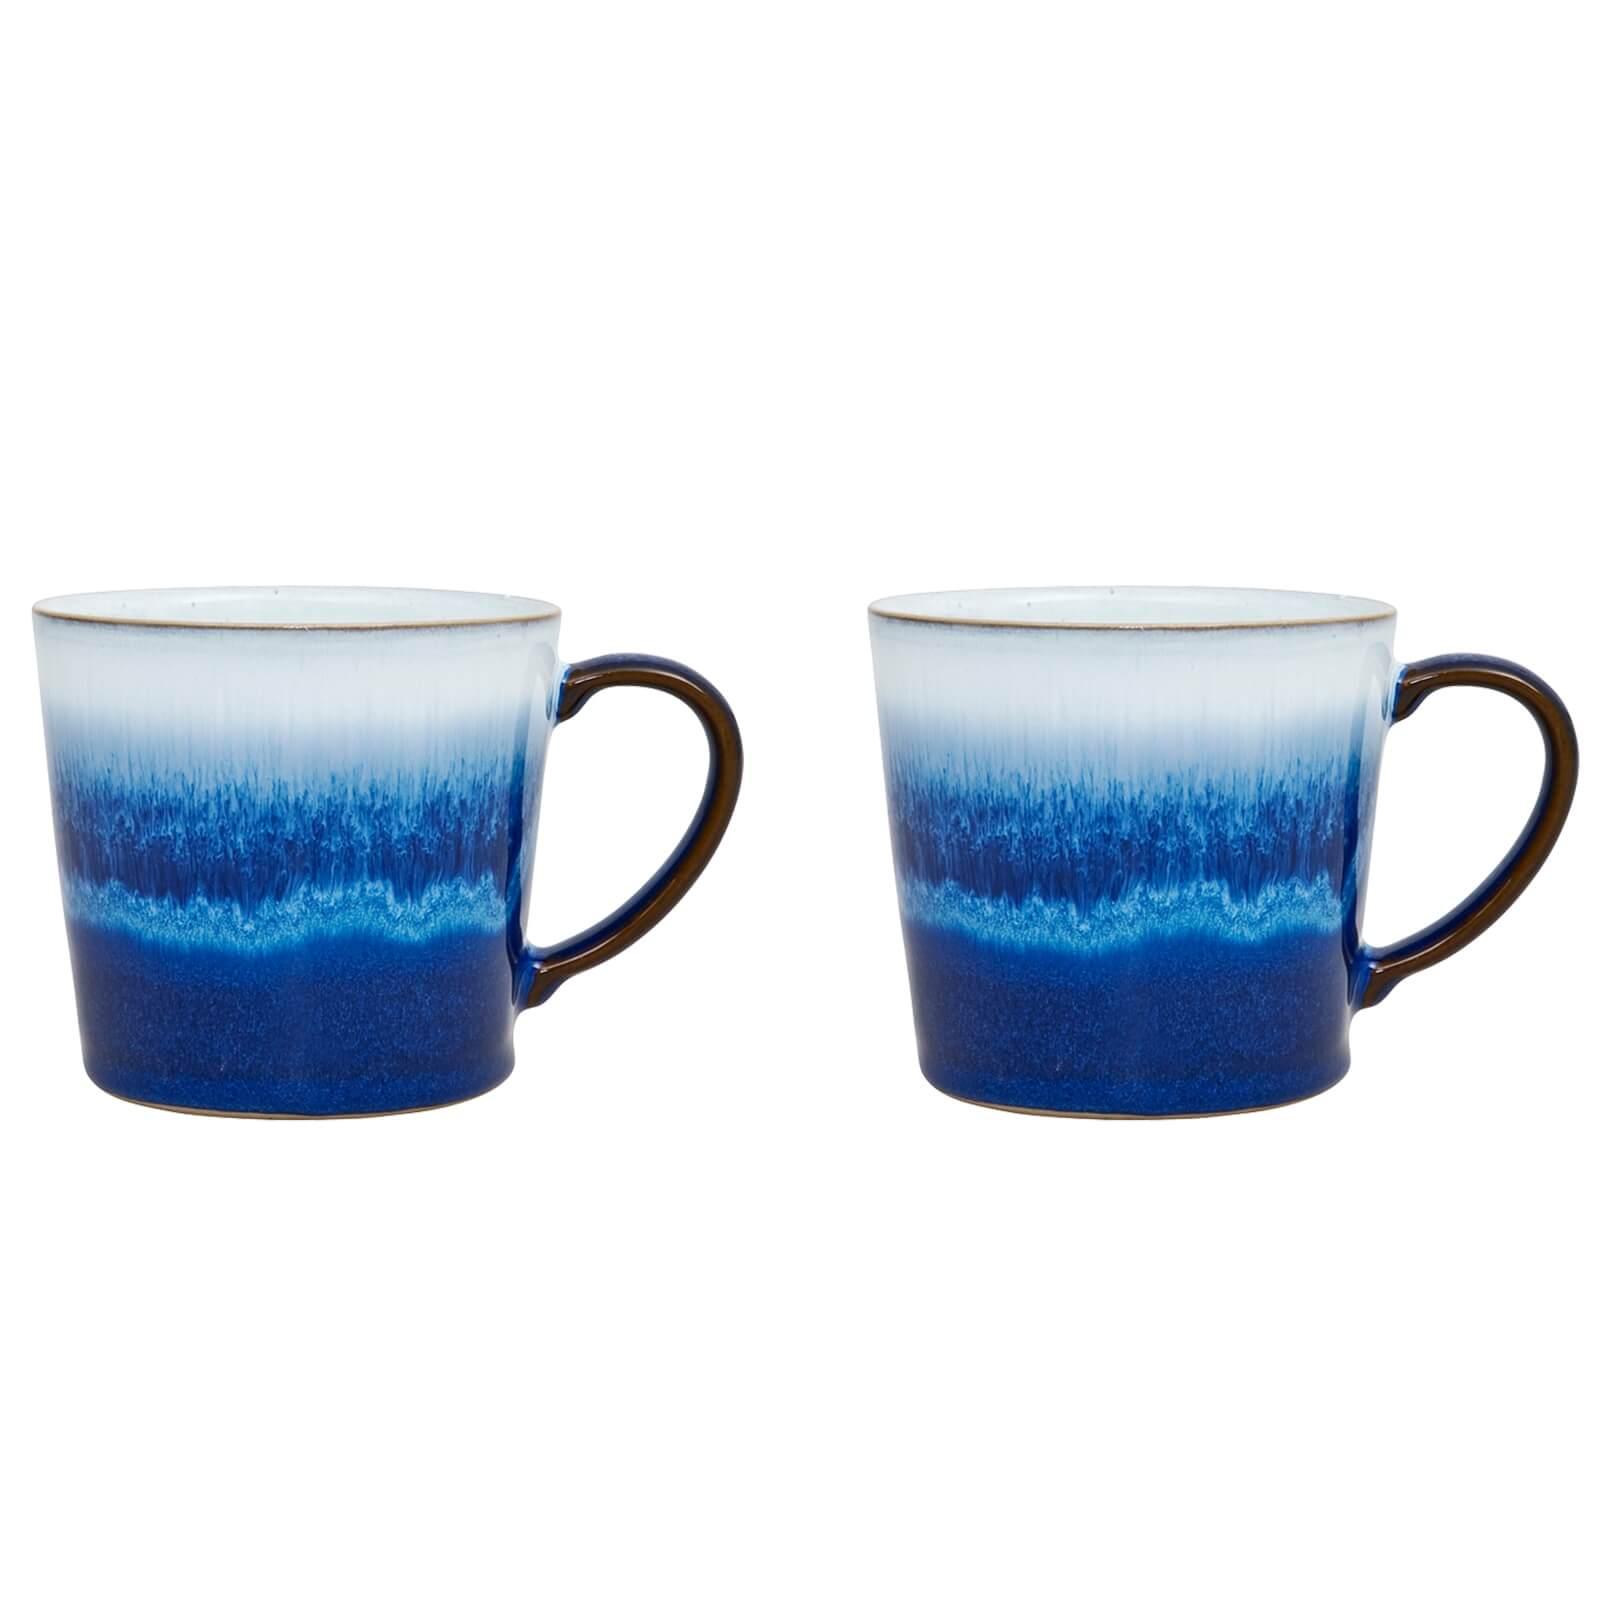 Denby Blue Haze 2 Piece Mug Set